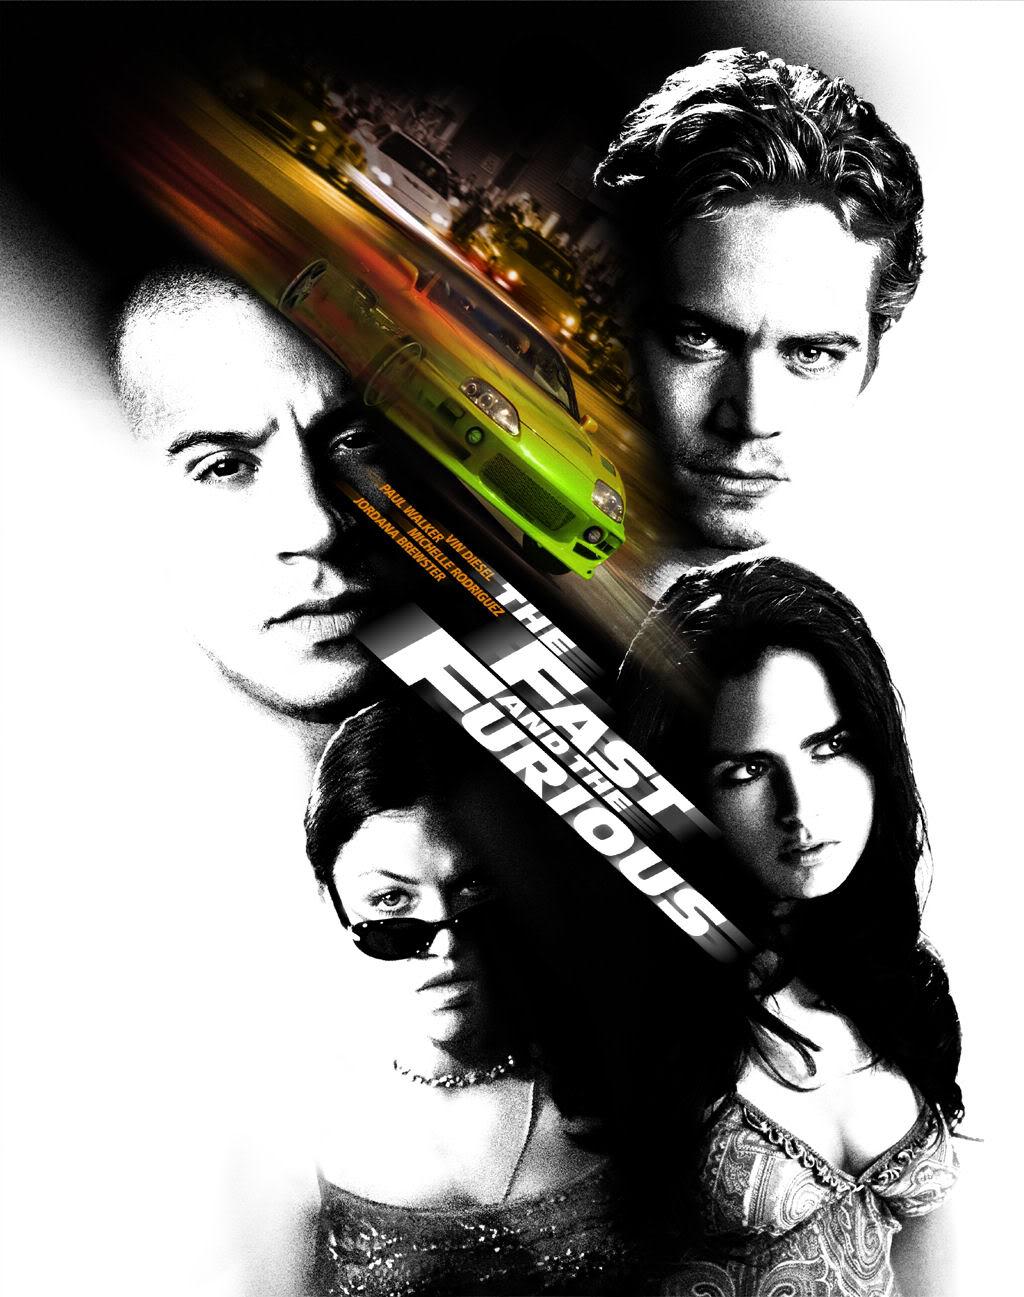 دانلود فیلم The Fast and the Furious 2001 با دوبله فارسی